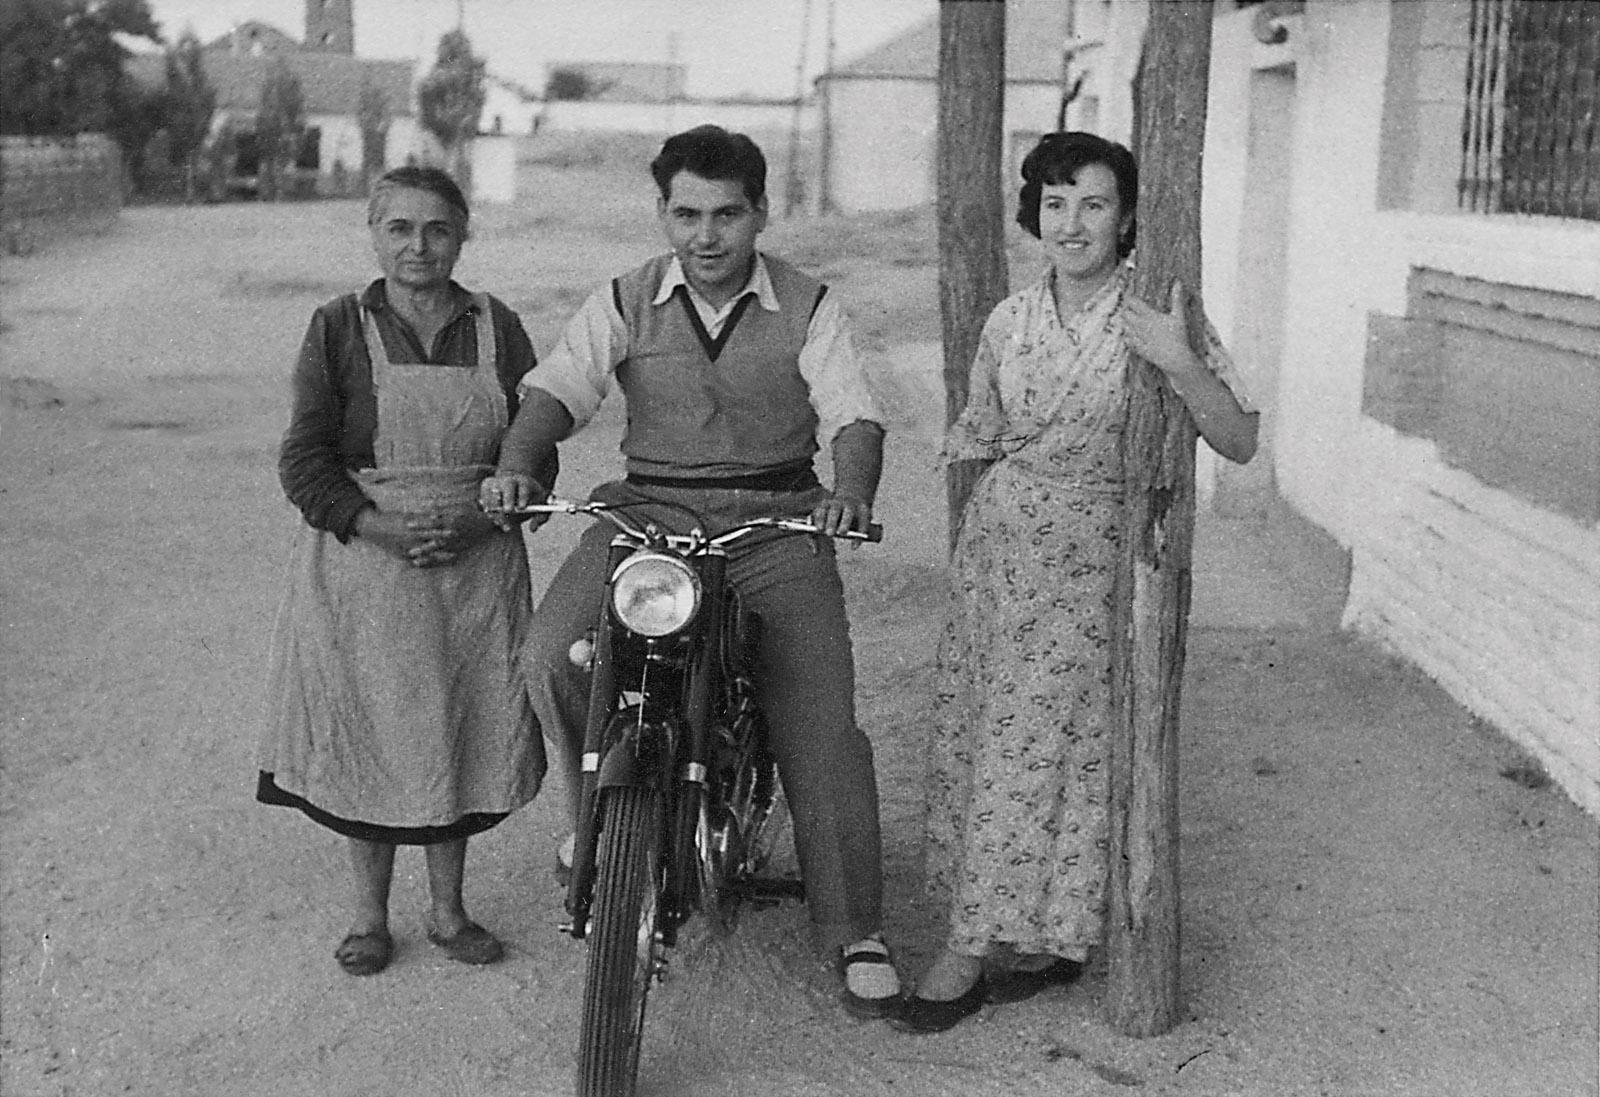 Fernando Paz e Isabel Mellado con la abuela Lorenza en la calle Diana en 1954. La moto es una Lube Renn 125 con la rueda trasera carenada.